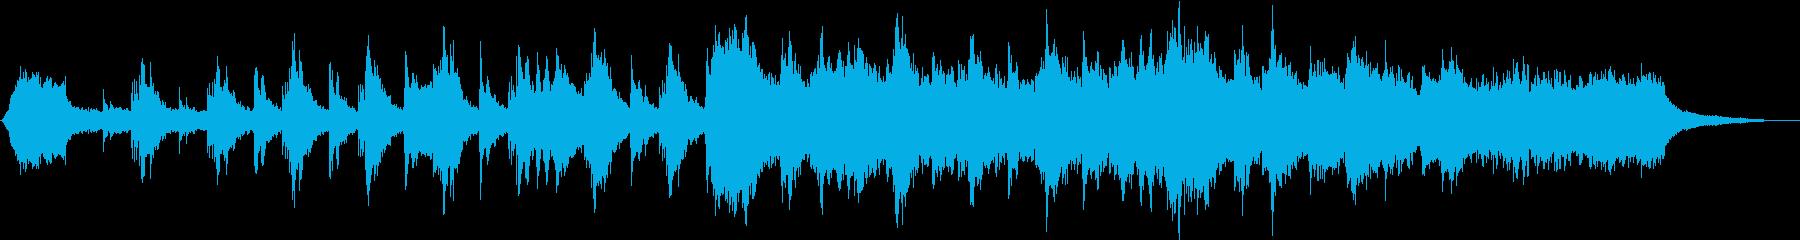 Aurora Moon IIの再生済みの波形